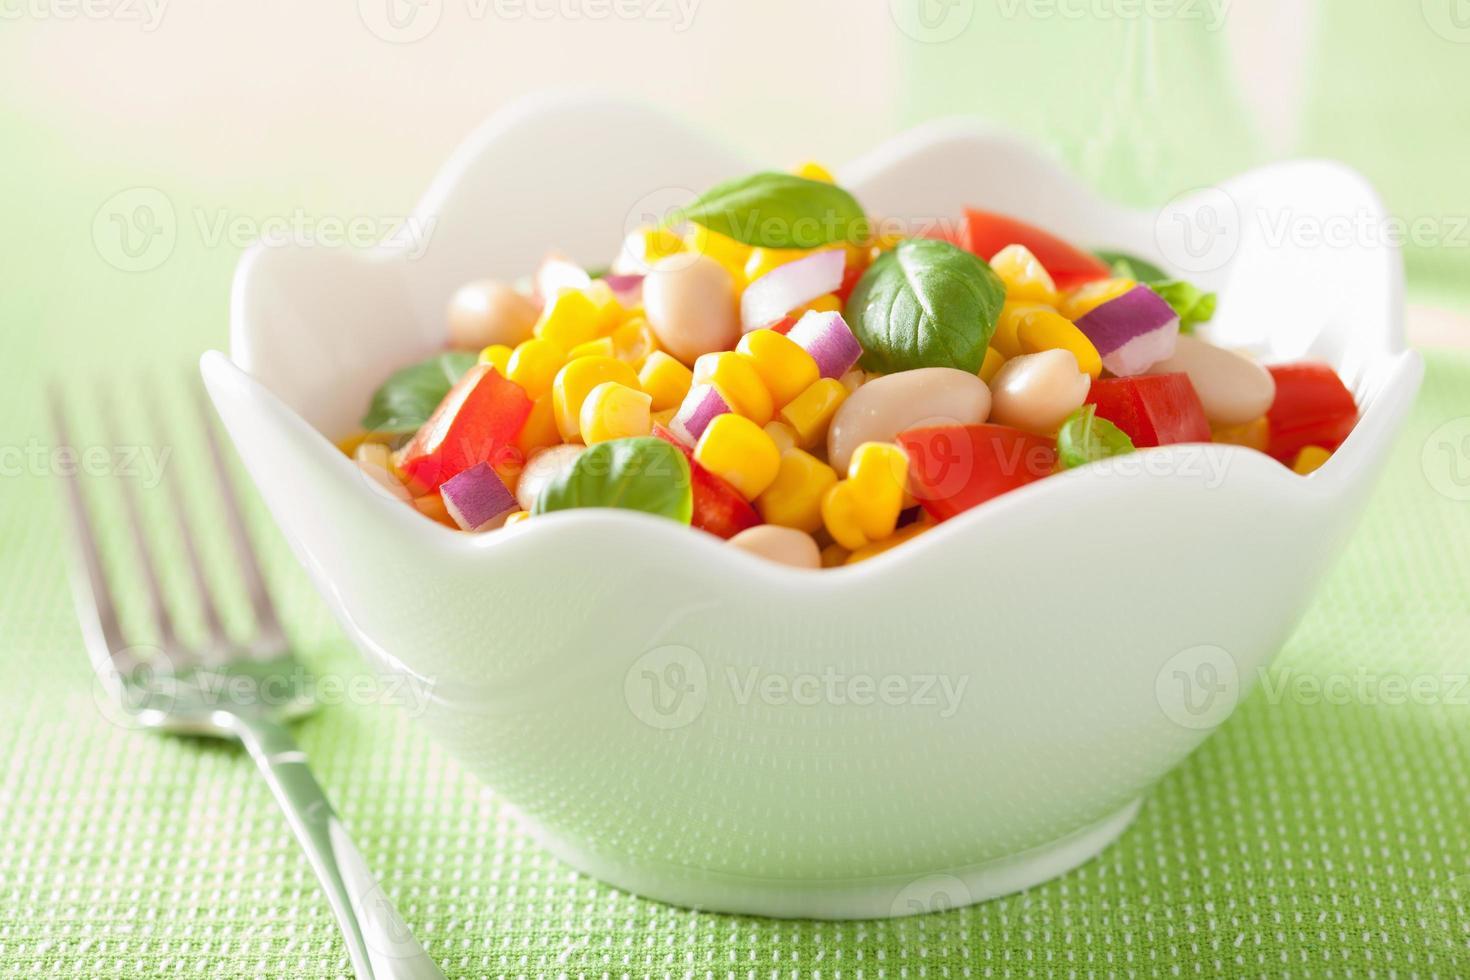 frisk majs sallad med tomatlök vitbönor basilika foto